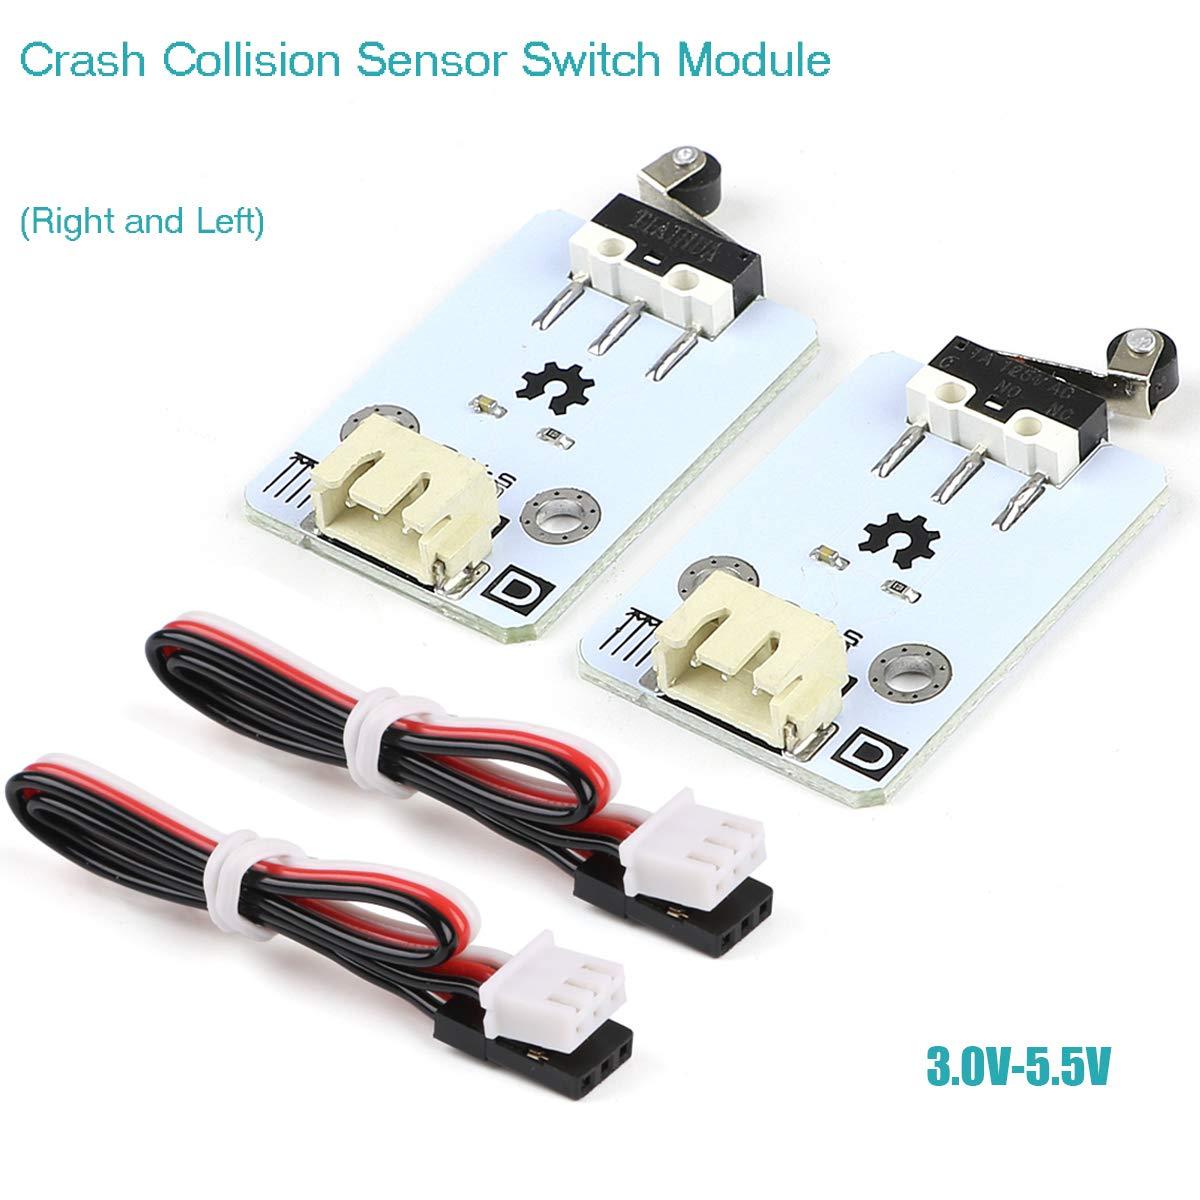 Destra e Sinistra Innovateking-EU 2pcs modulo Interruttore sensore collisione Crash Modello Robot sensore di Crash Elicottero per Arduino con Cavo sensore 2 Pin XH2.54 3 Pin